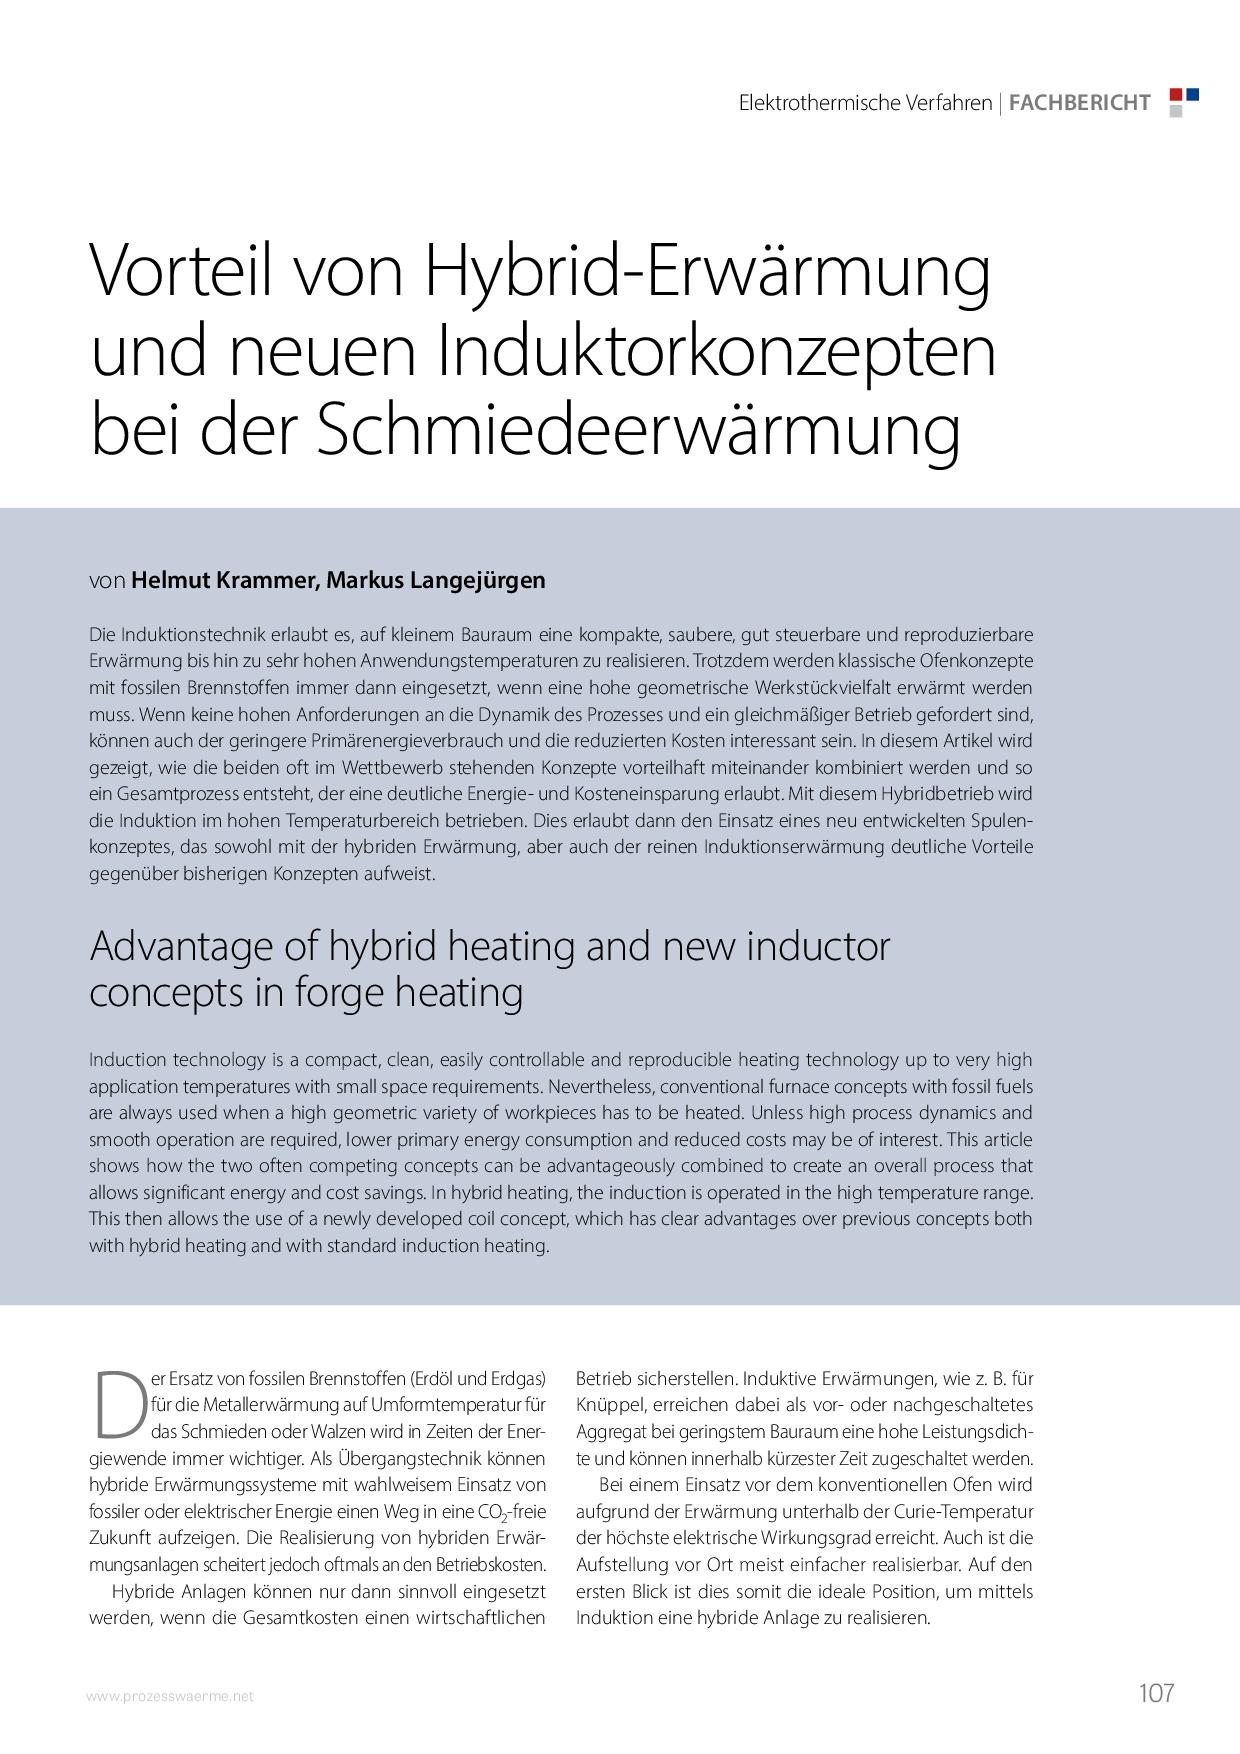 Vorteil von Hybrid-Erwärmung und neuen Induktorkonzepten bei der Schmiedeerwärmung